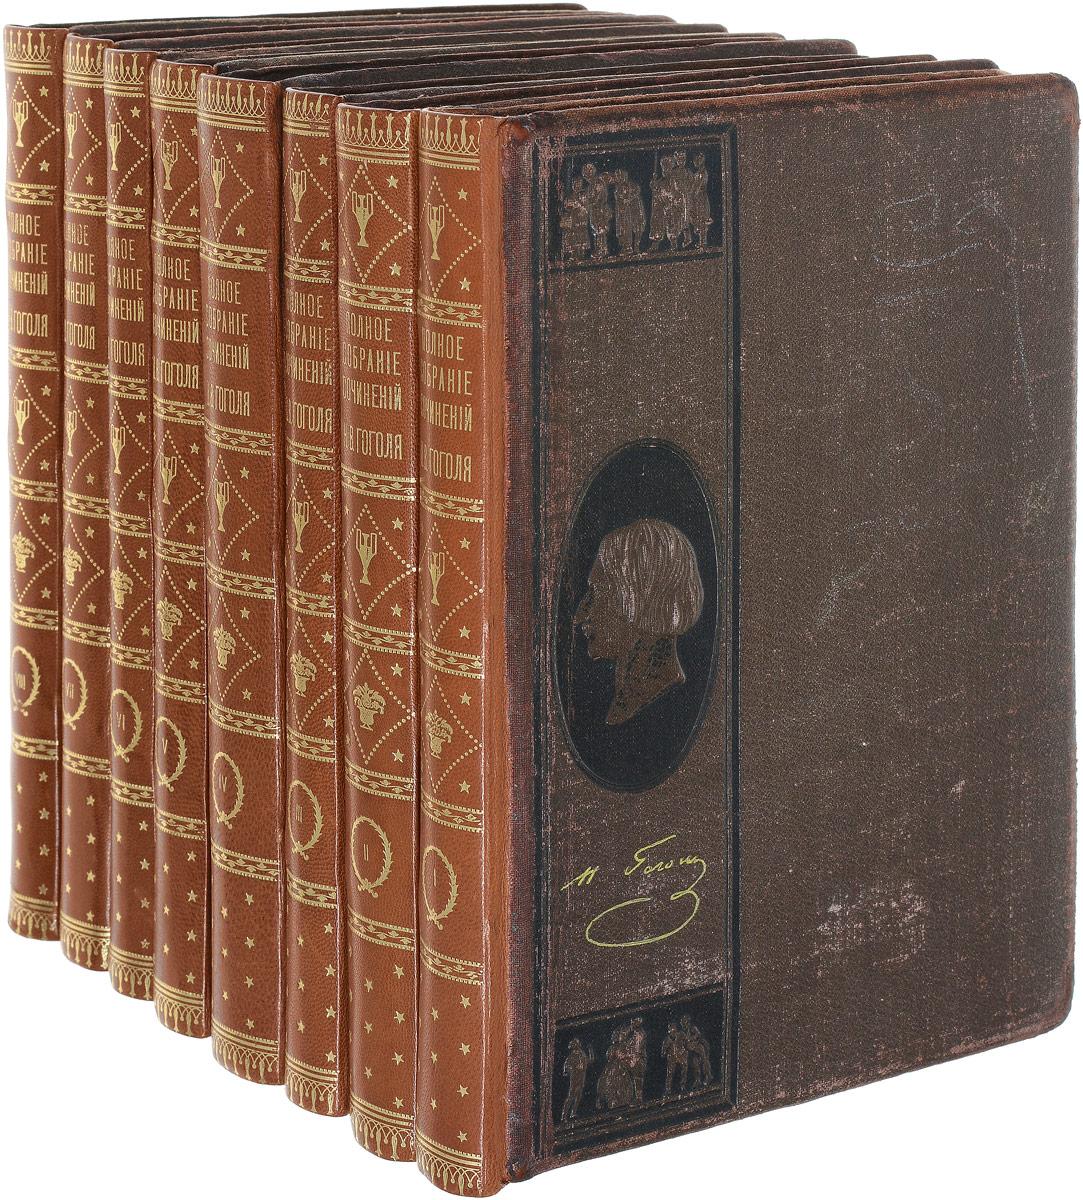 Иллюстрированное полное собрание сочинений Н. В. Гоголя в 8 томах (комплект из 8 книг) dipak vora biological control of insect larvae